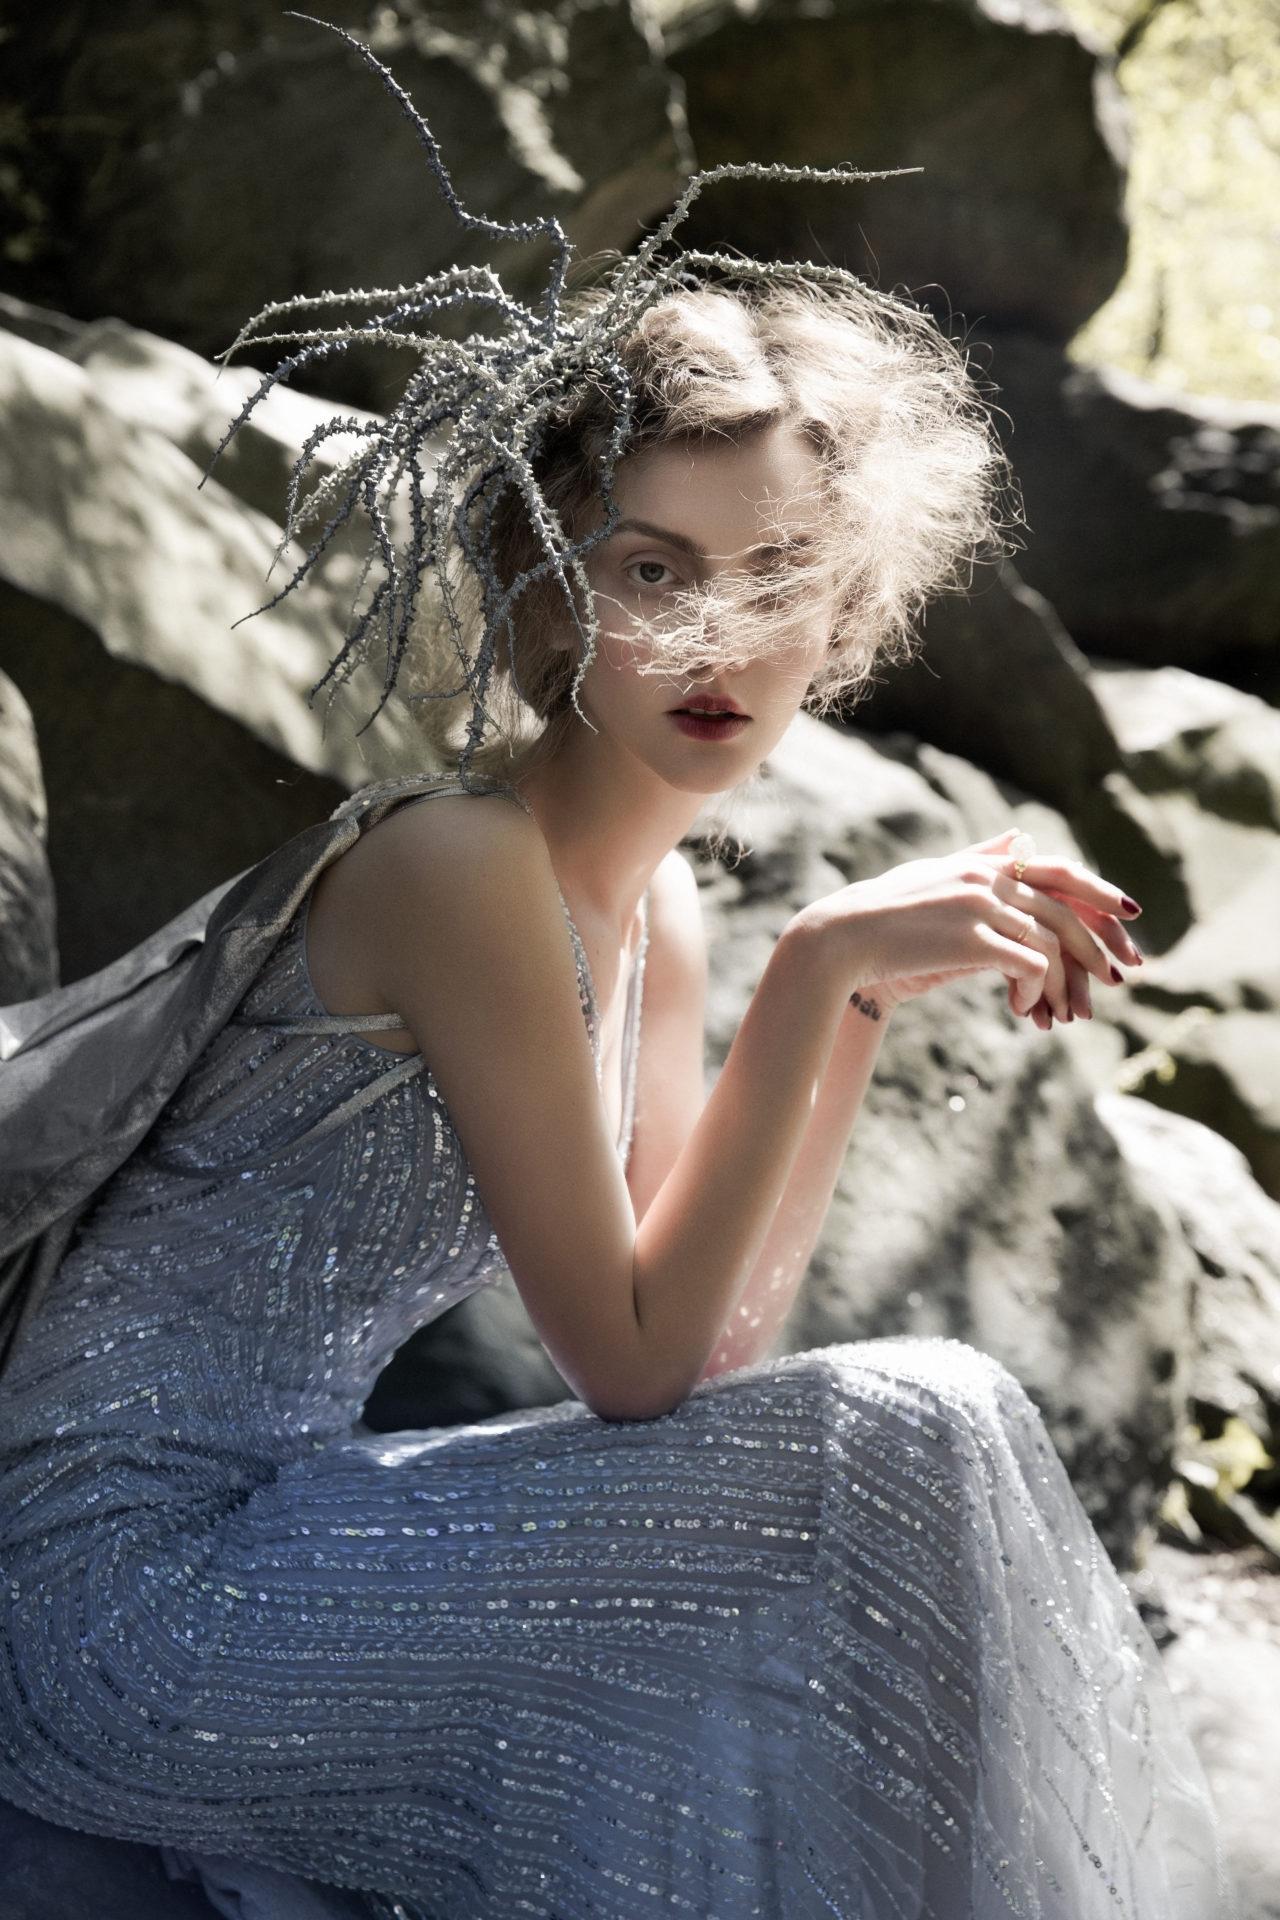 Dress - Basix. Dress on the back - Leka. Headdress - Сhuchu. Ring - Solomeina.